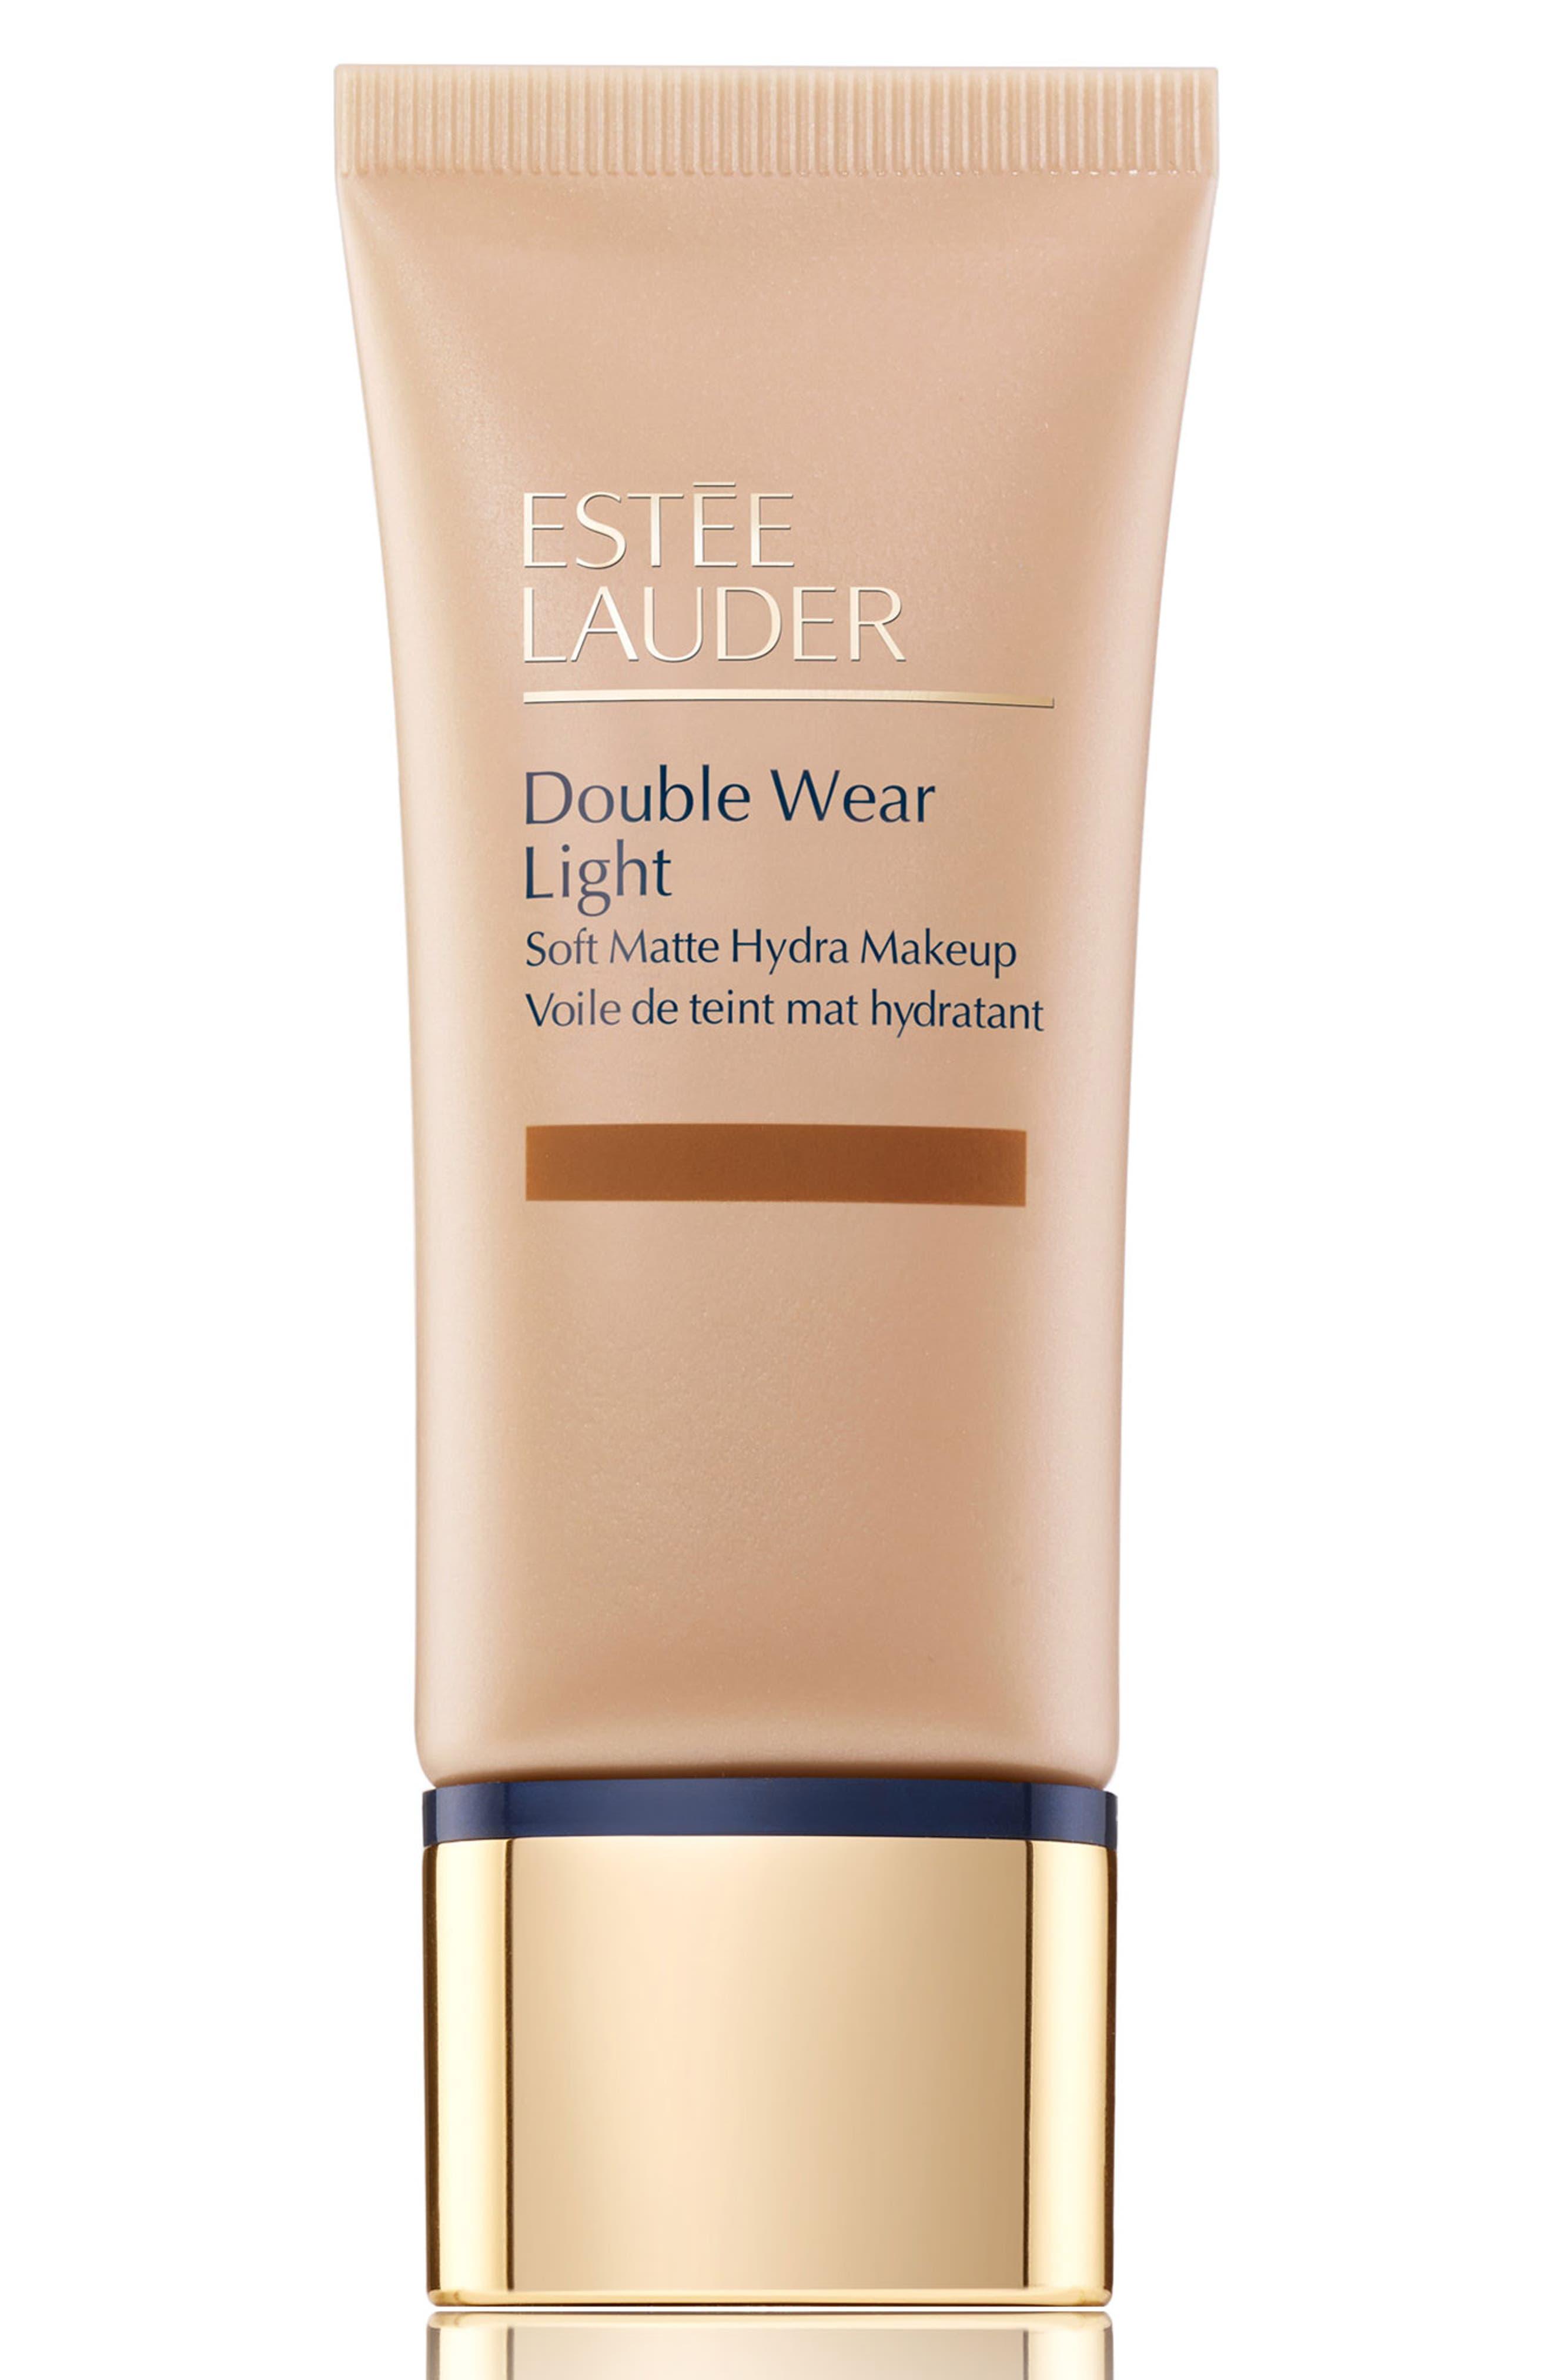 Estee Lauder Double Wear Light Soft Matte Hydra Makeup - 6C1 Rich Cocoa